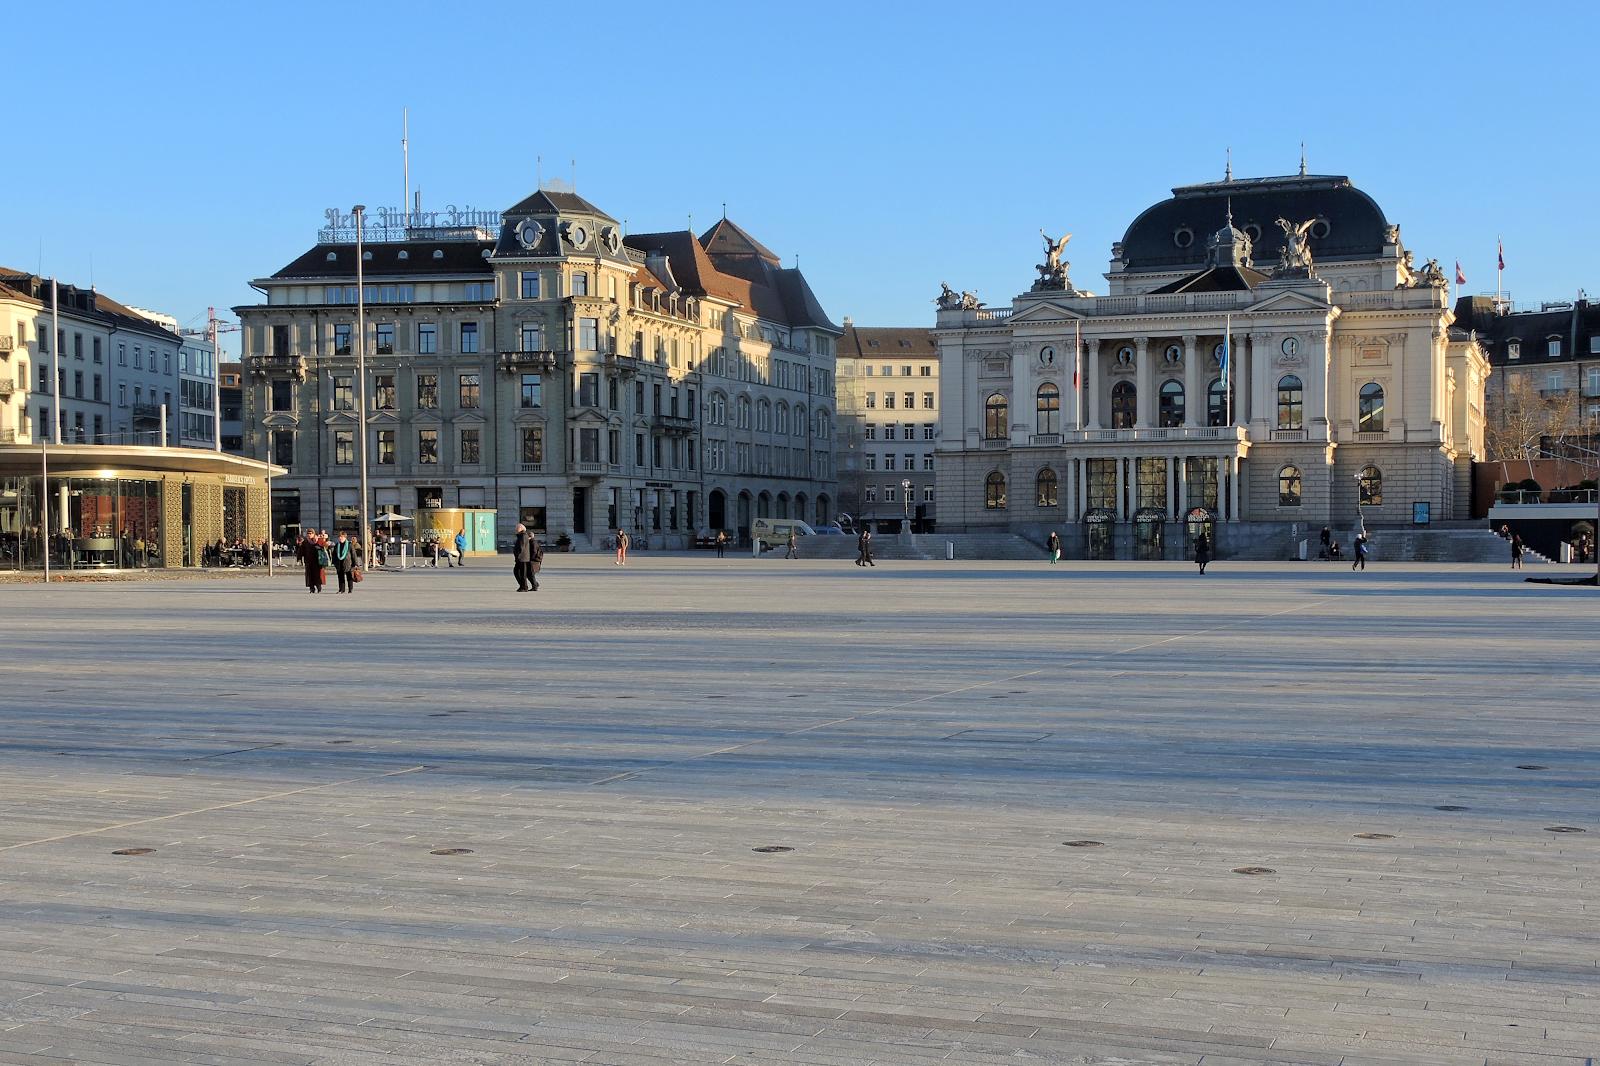 La place du marché à Zurich